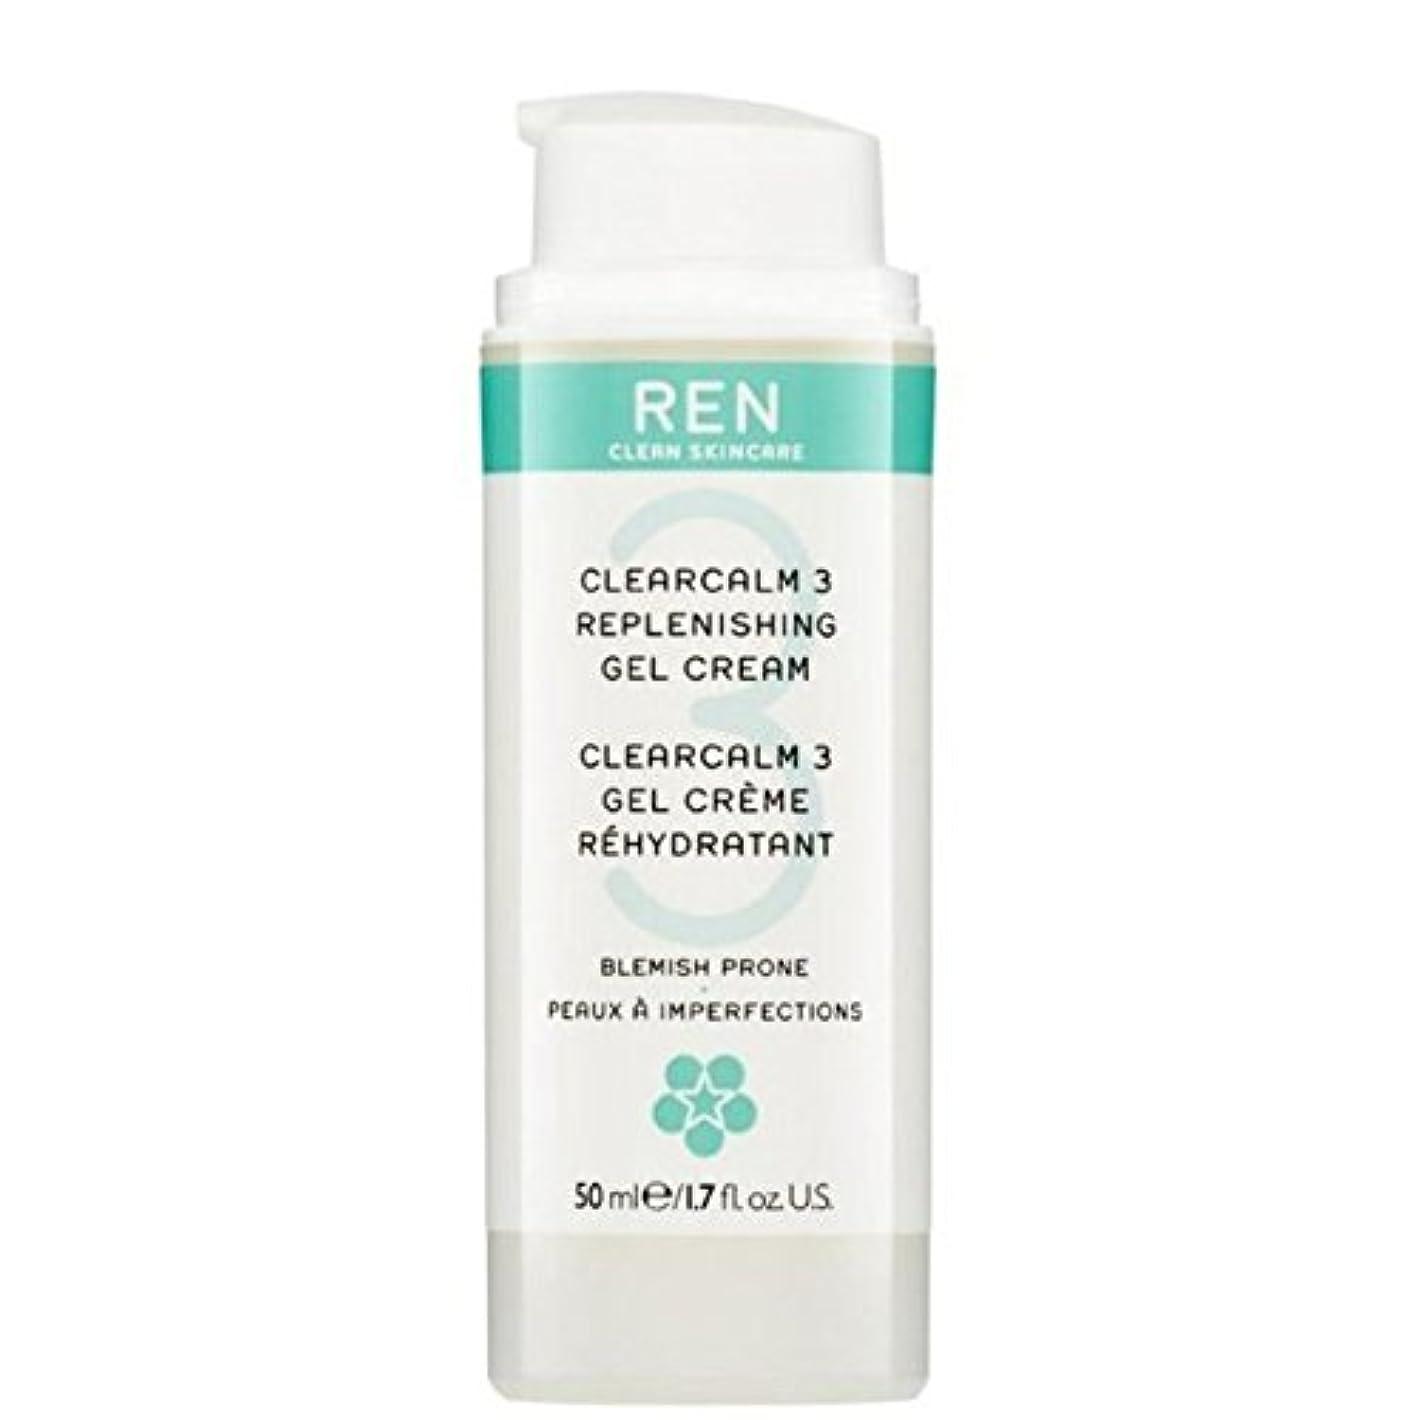 アトミック進化プレゼント3補給ゲルクリーム x4 - REN Clearcalm 3 Replenishing Gel Cream (Pack of 4) [並行輸入品]